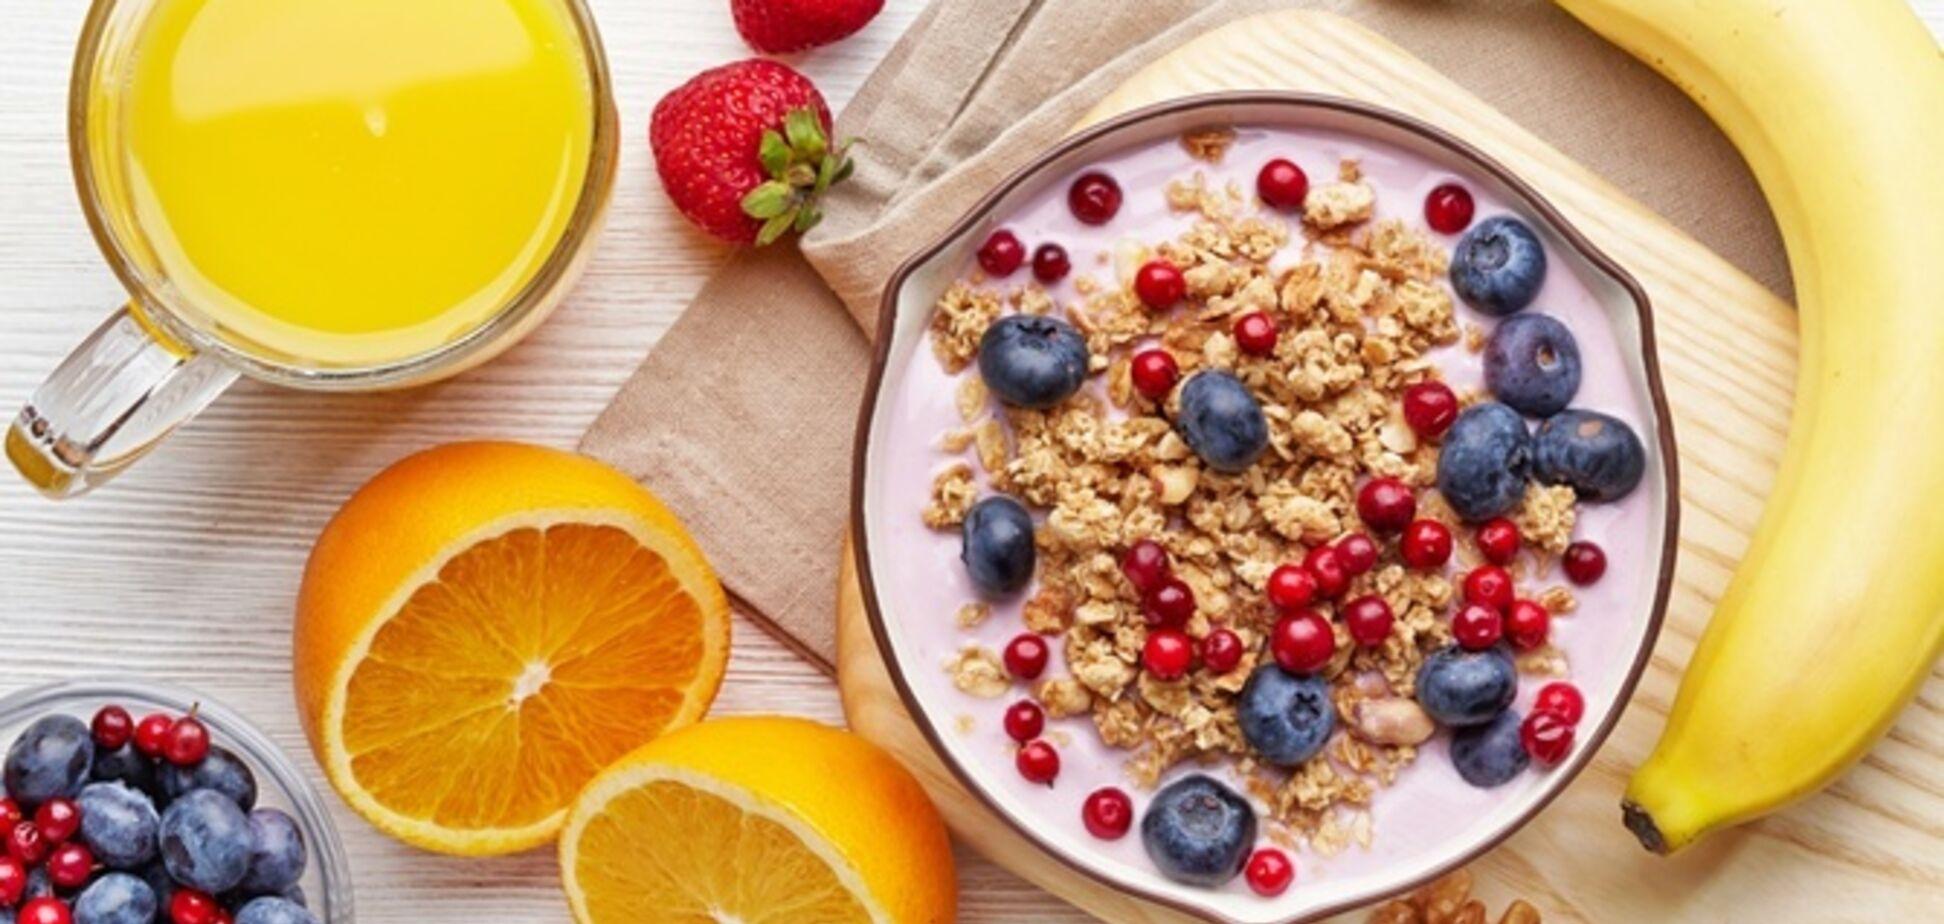 Здоровое питание: диетолог дала украинцам полезный совет